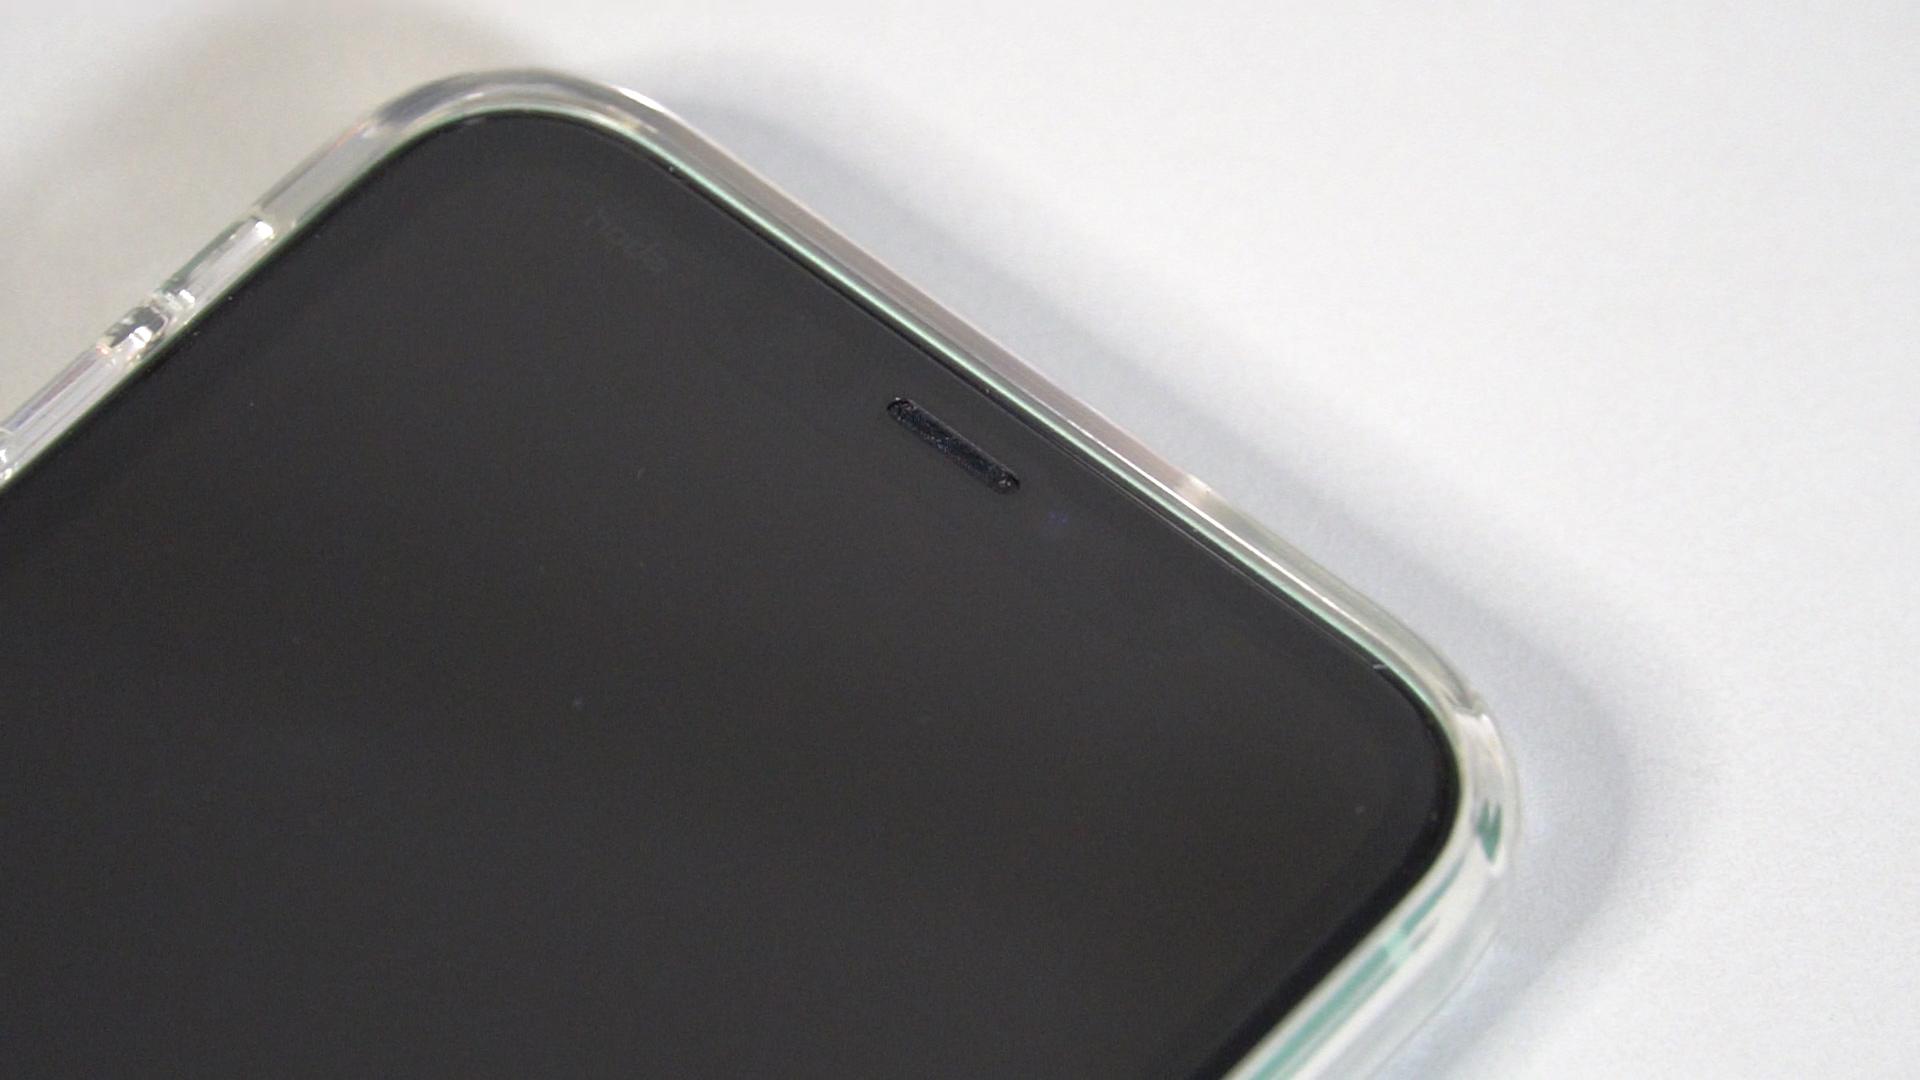 hoda藍寶石螢幕保護貼高透光、散熱佳、好觸控